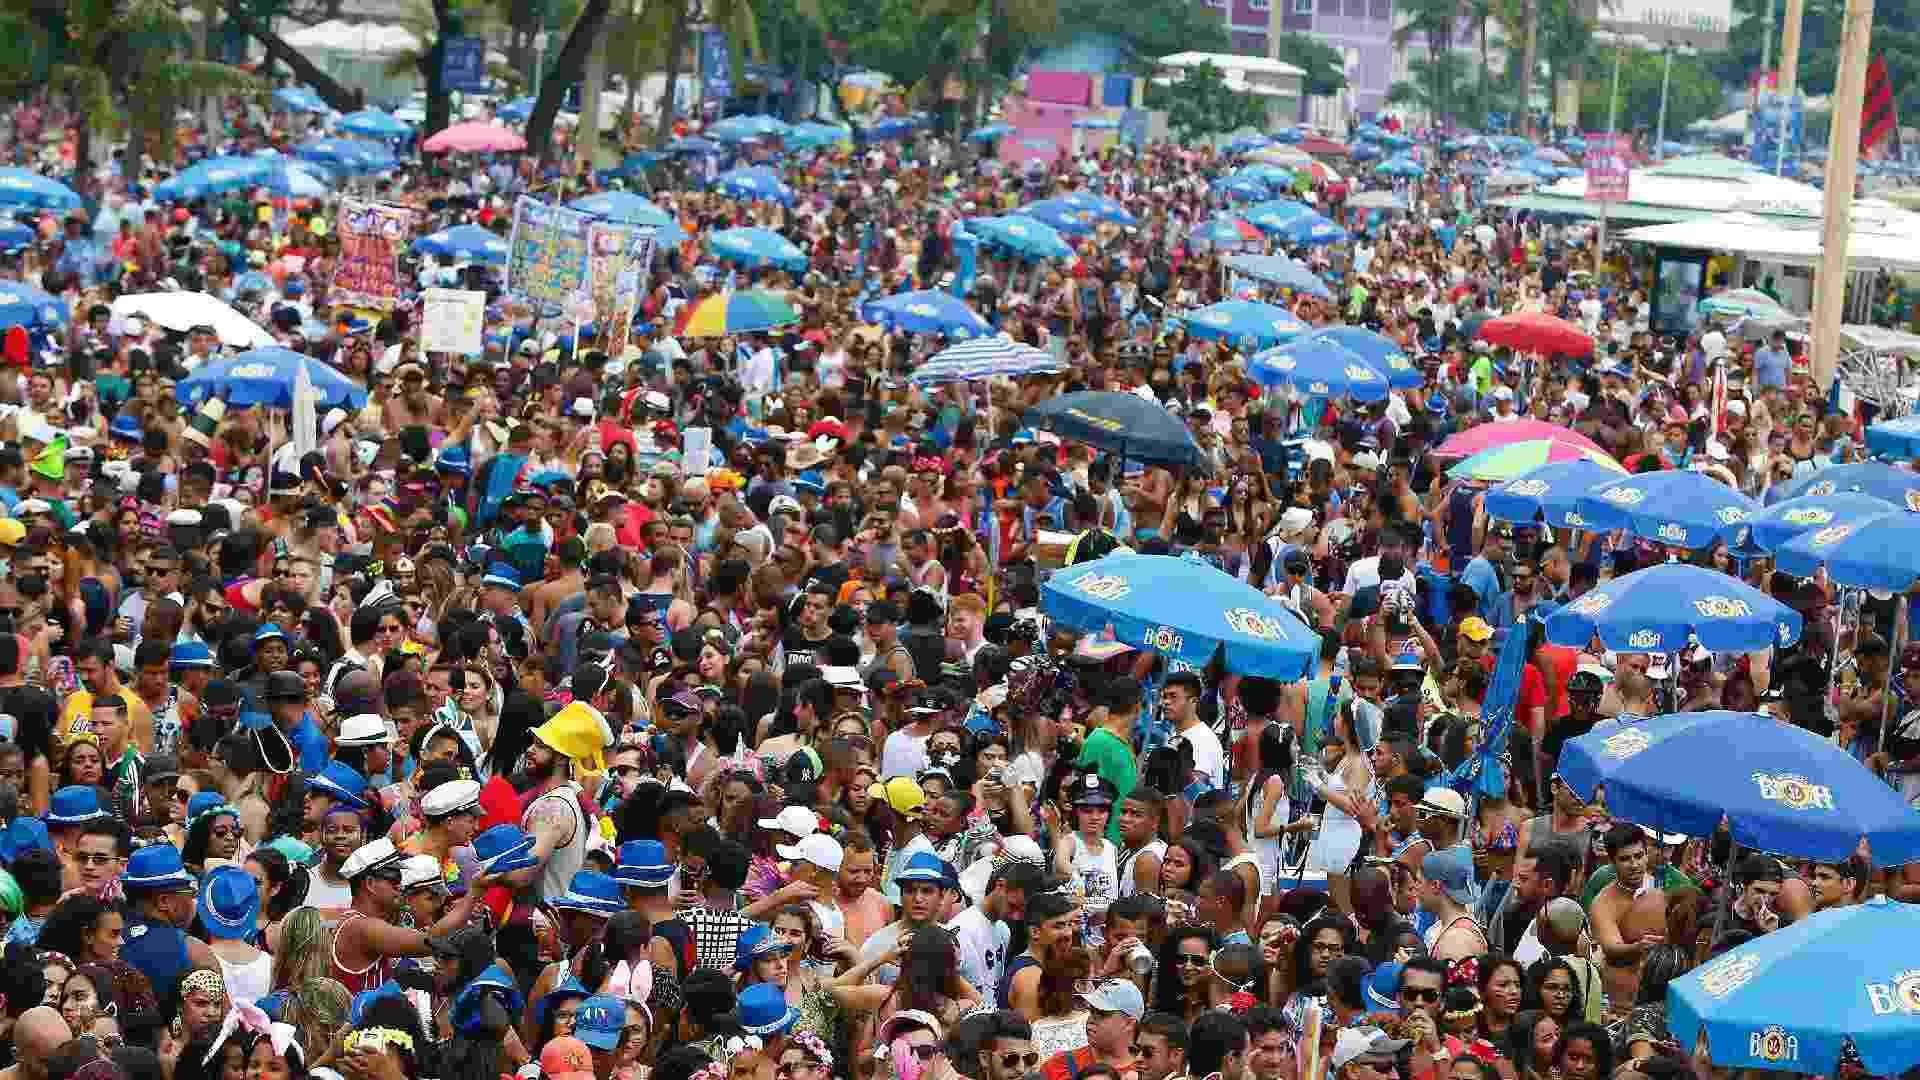 Bloco da Favorita é conhecido por reunir globais e por unir funk com marchinhas - Marcelo de Jesus/UOL